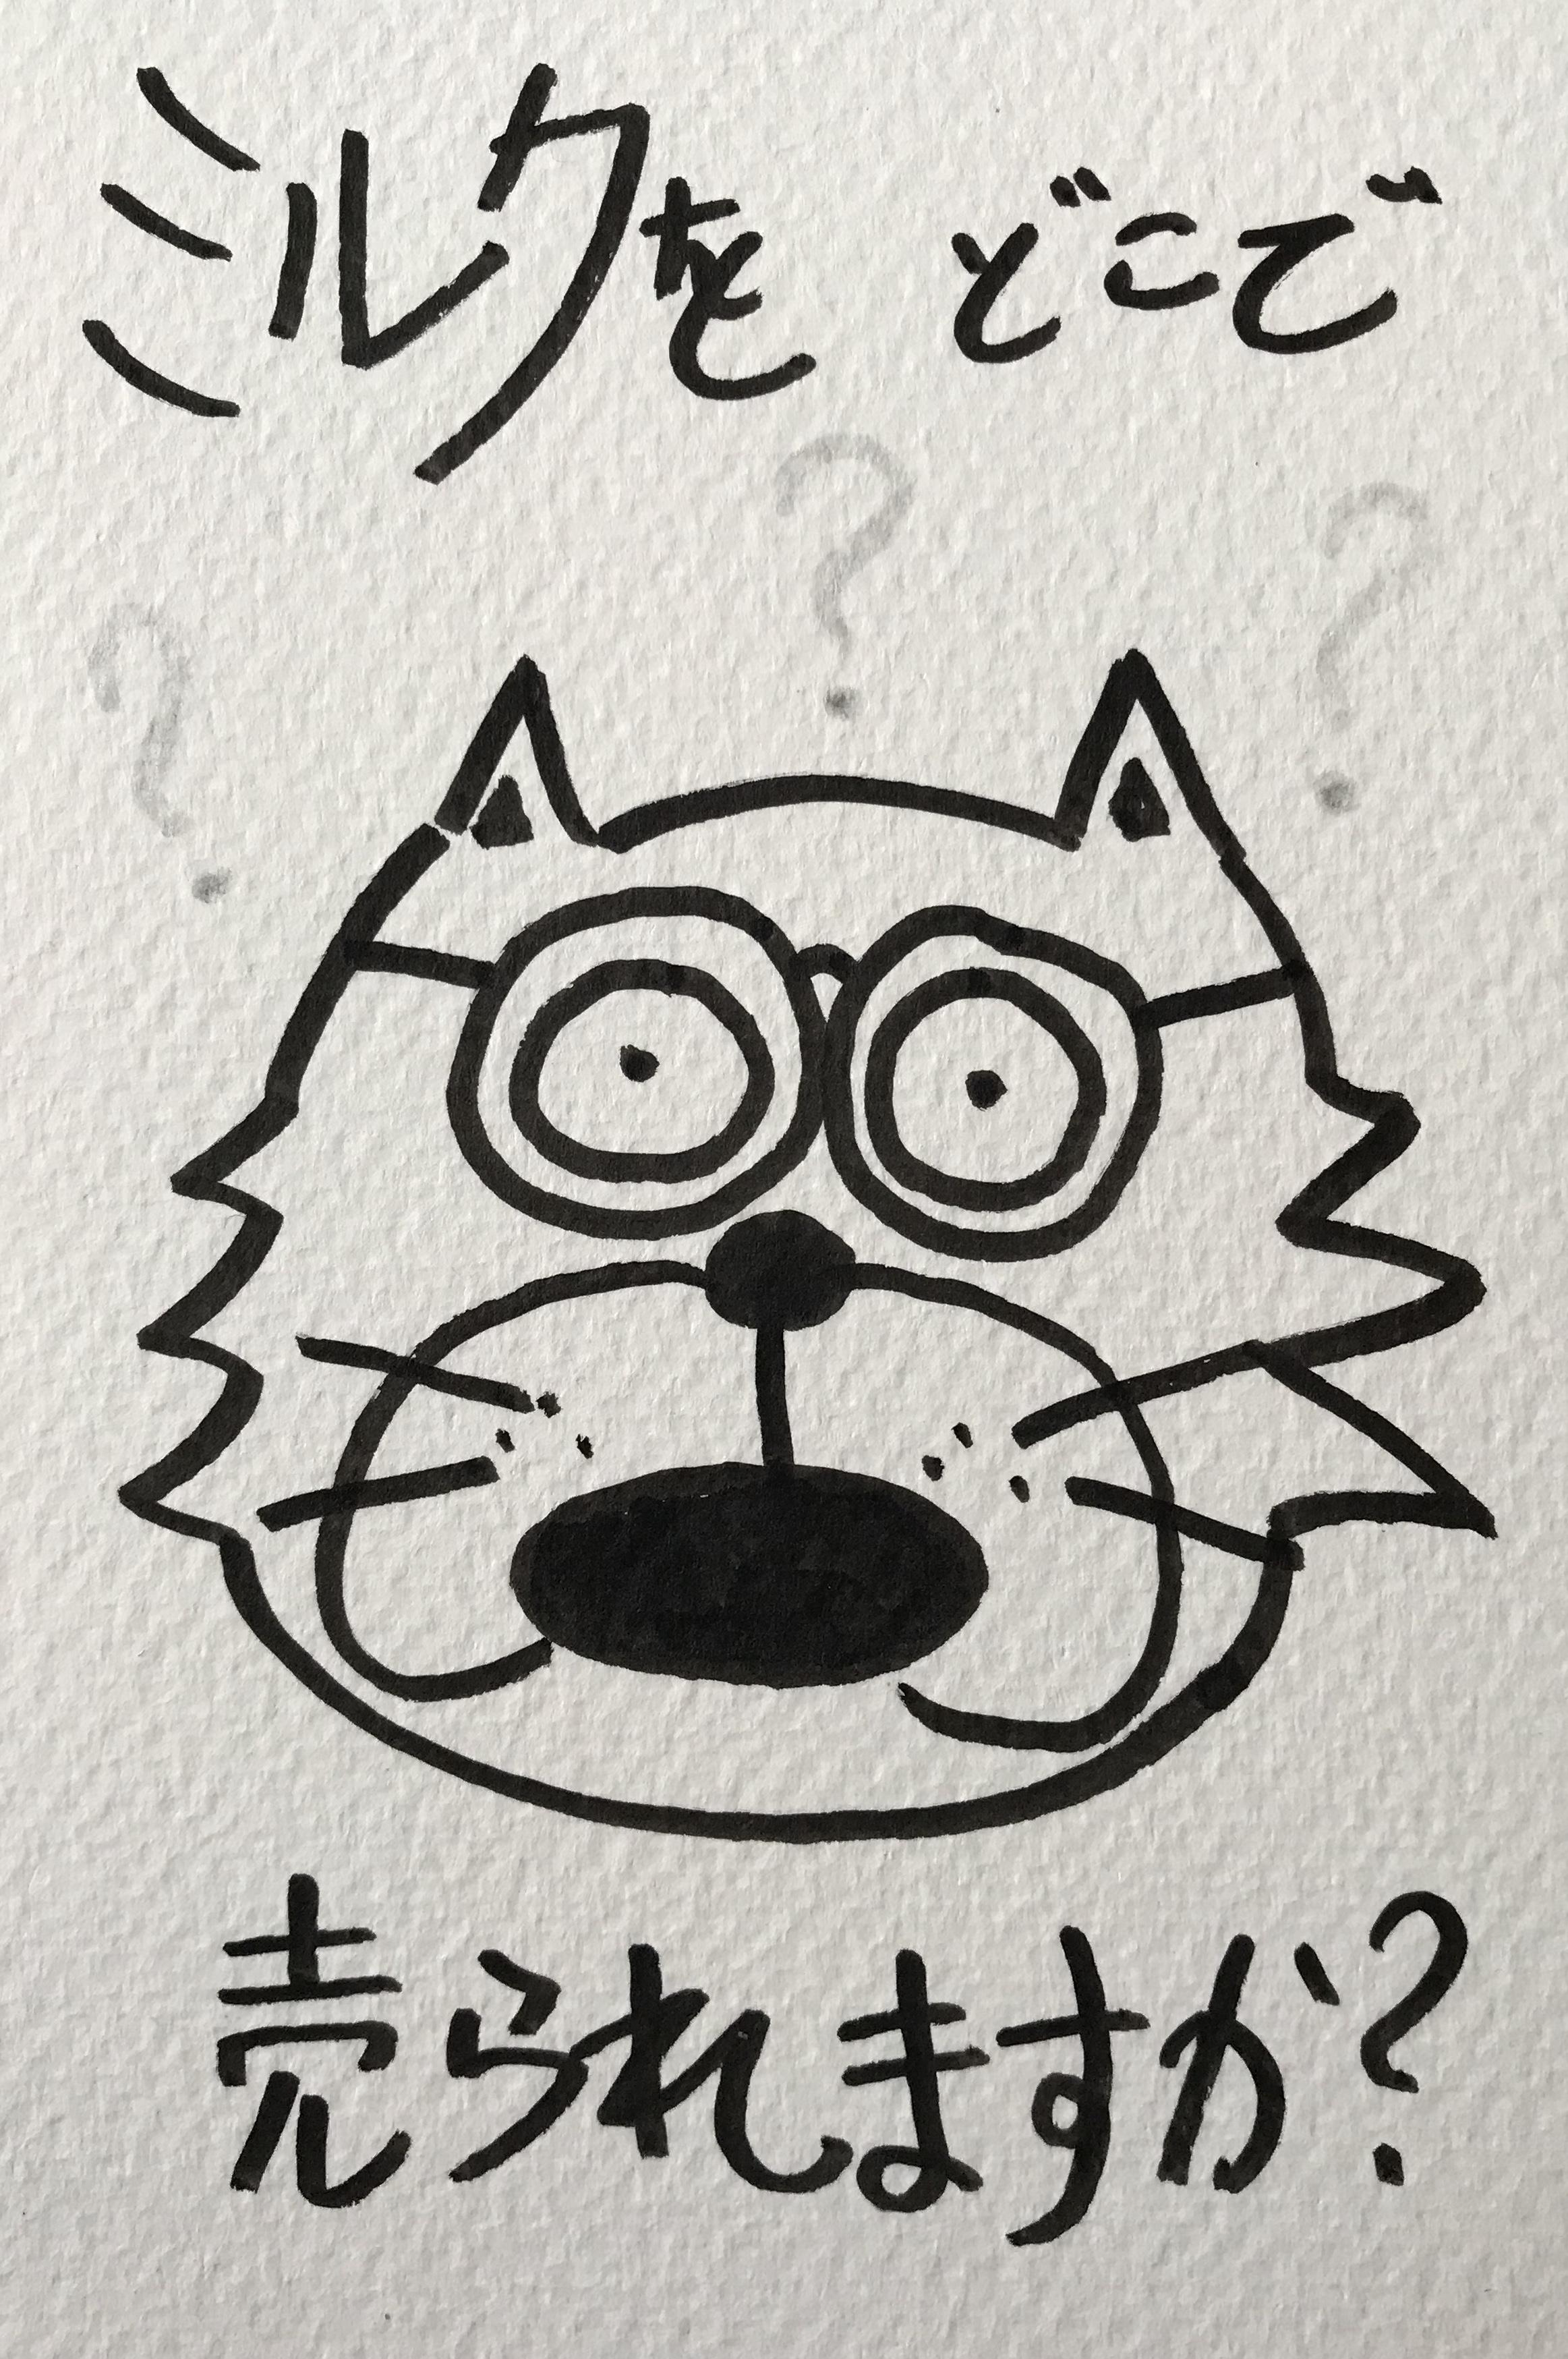 ミルクがどこで売られますが miylk kitten art postcard marker calligraphy typography kawaii かわいい 描く コミックス ペン オタク